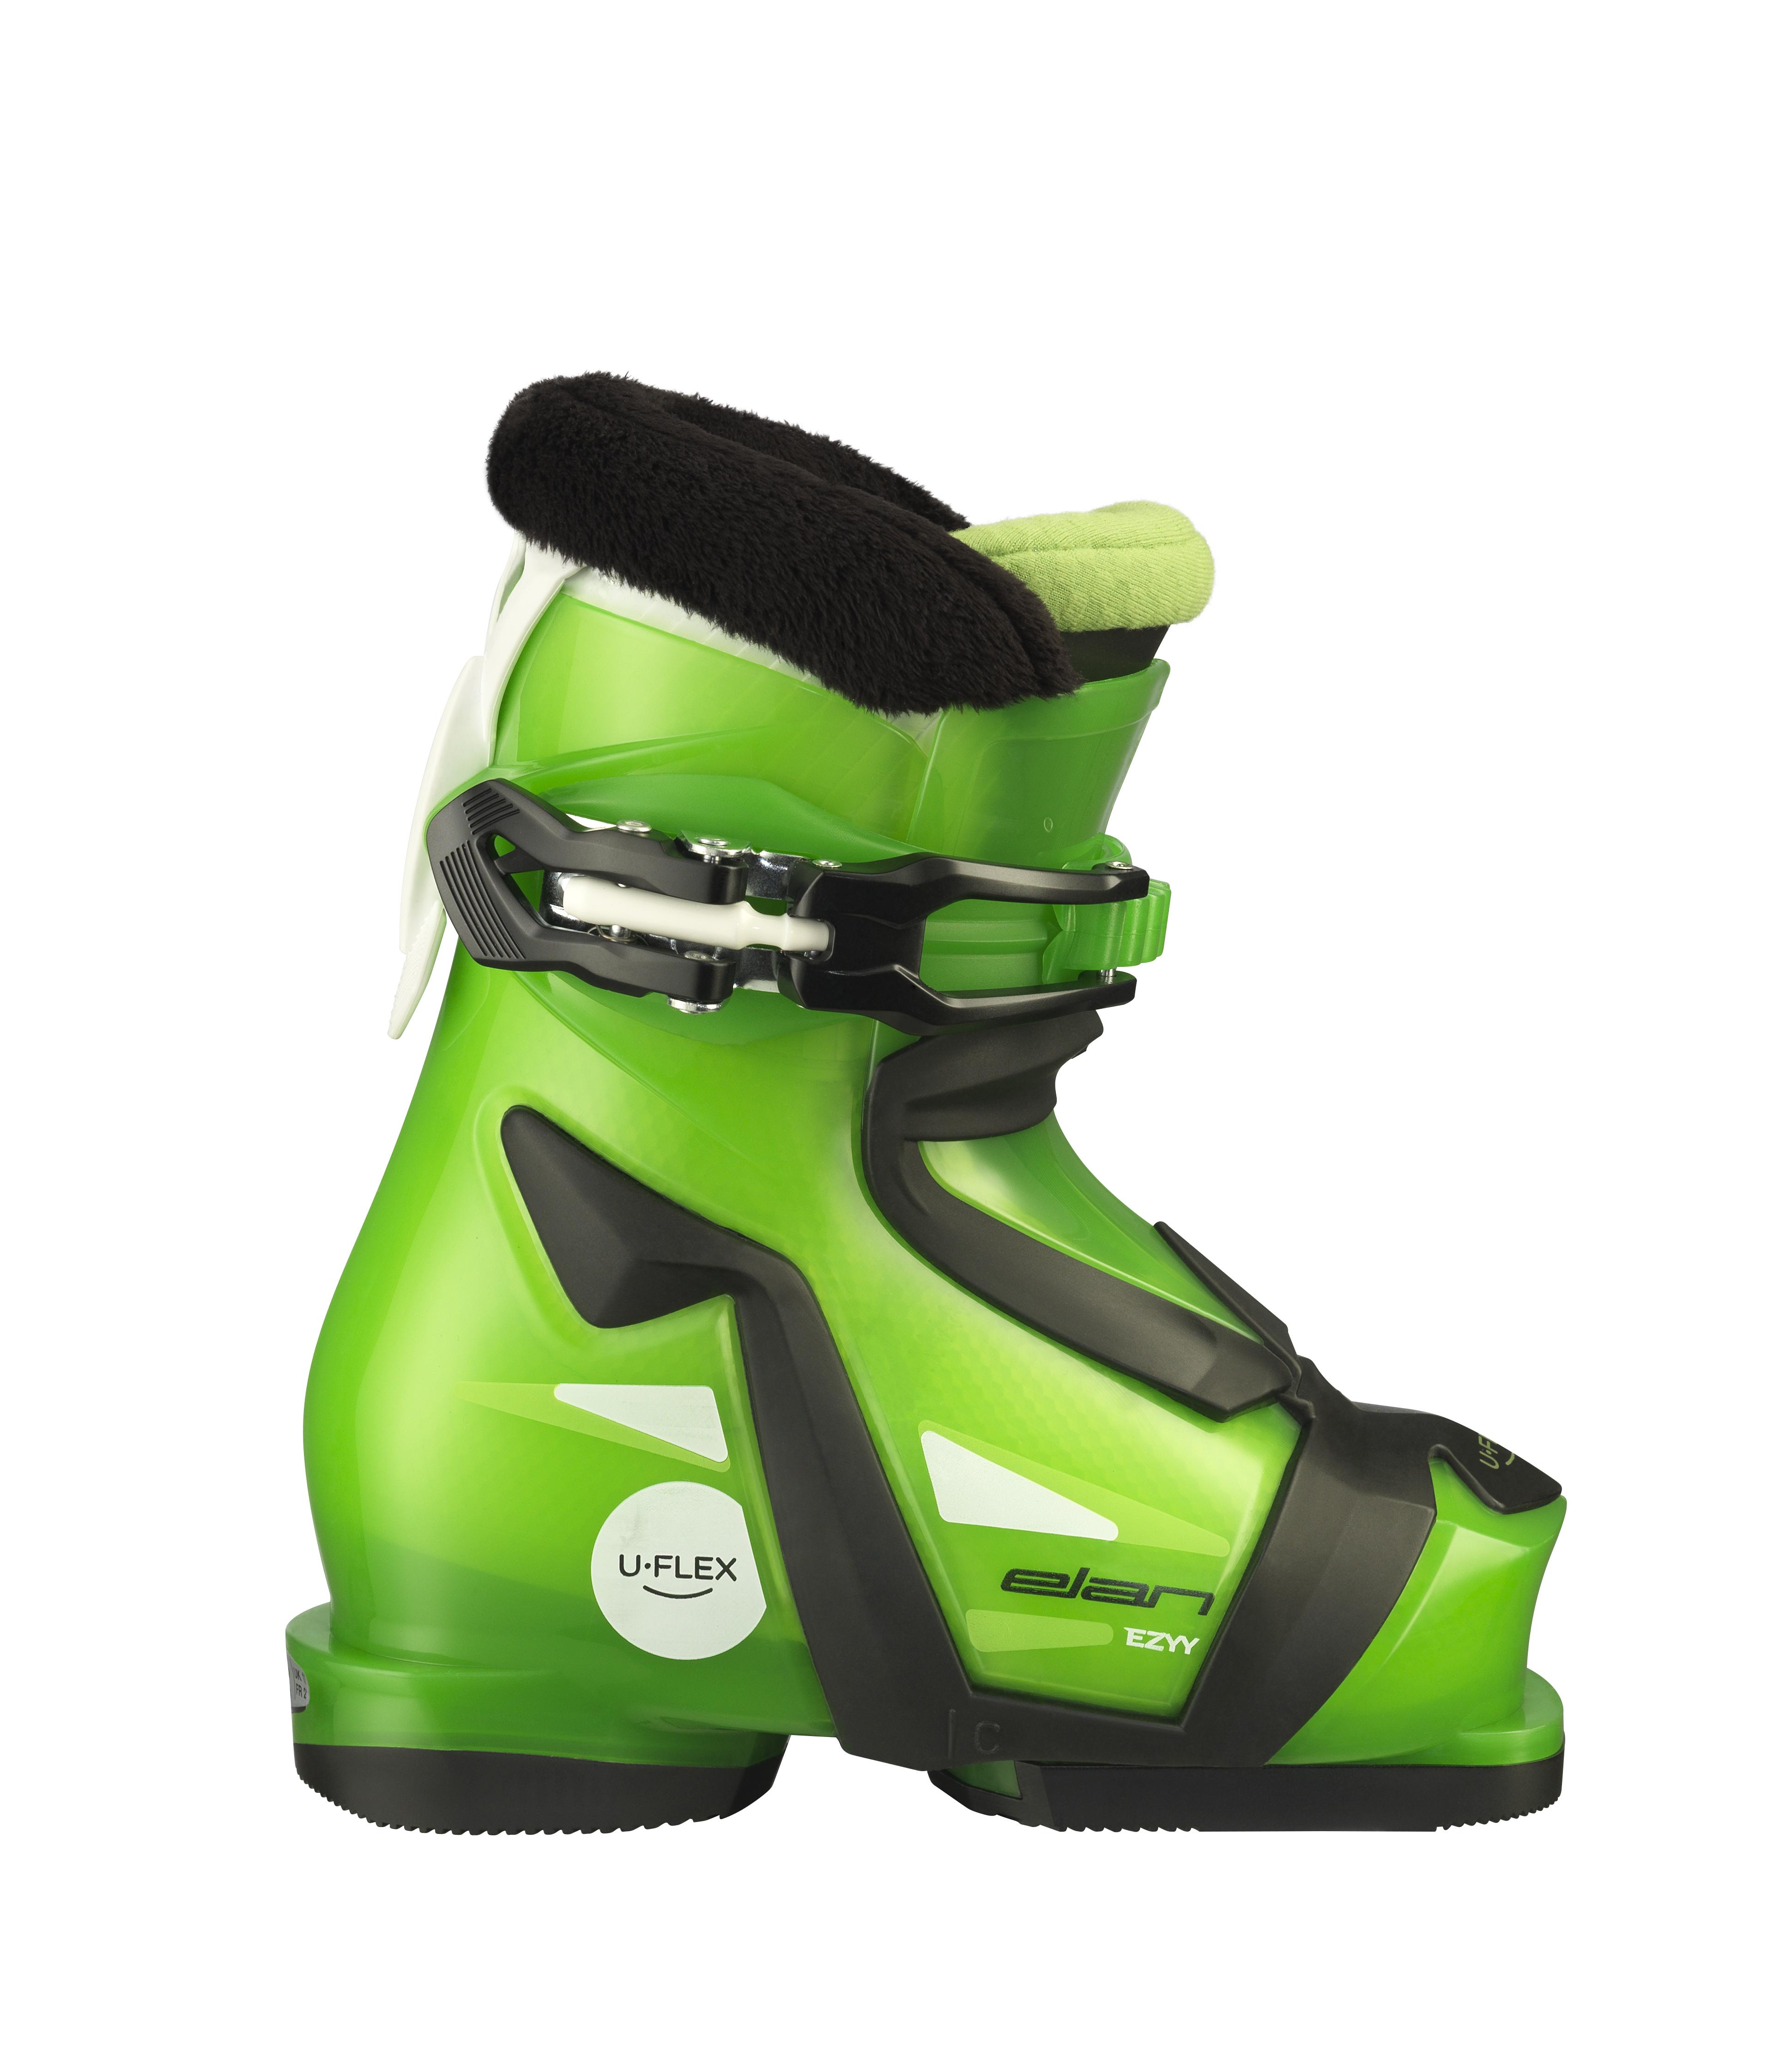 Горнолыжные ботинки Elan 2017-18 EZYY 1 (18,5-19,5)